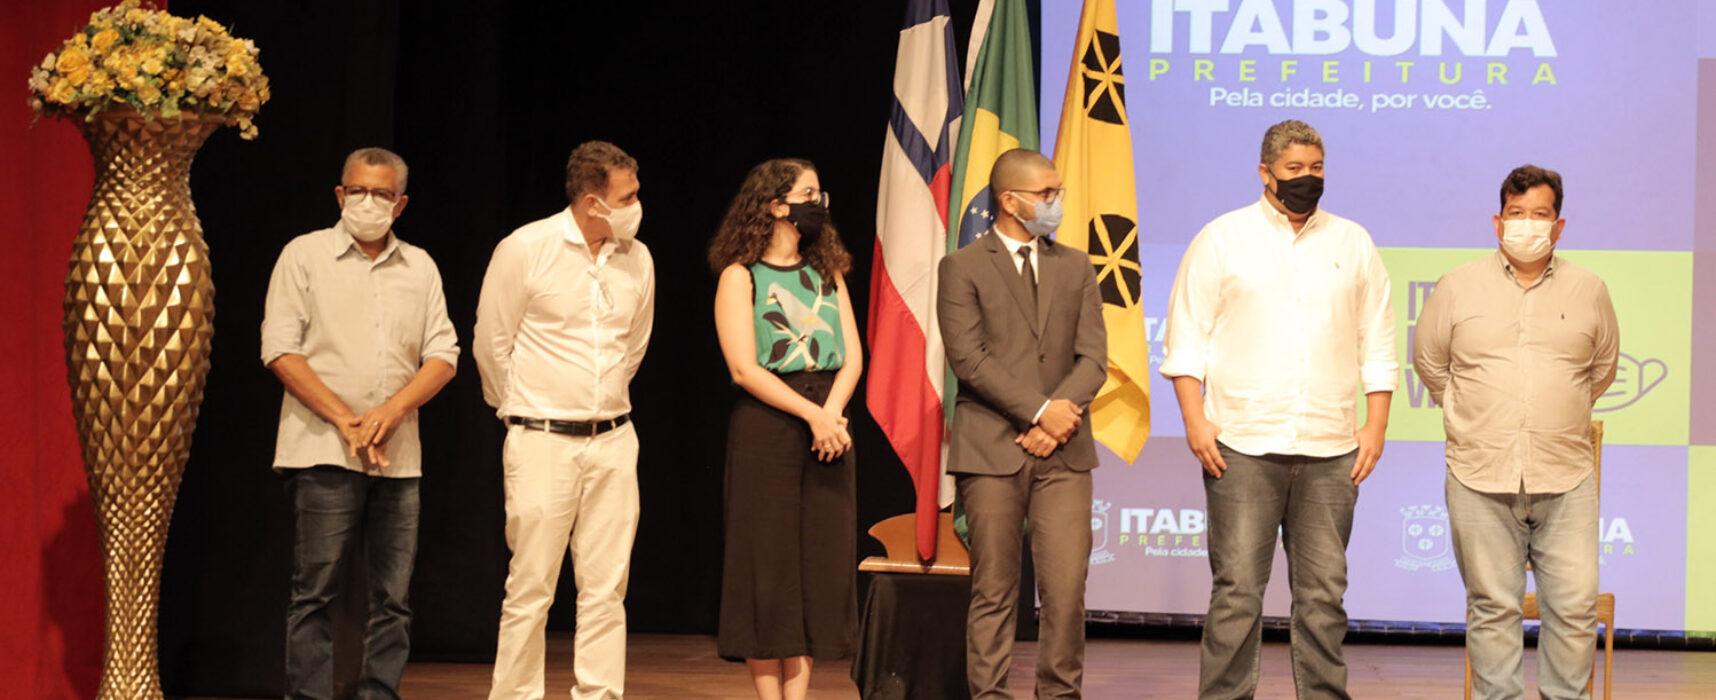 Prefeitura empossa novos conselheiros municipais de Itabuna